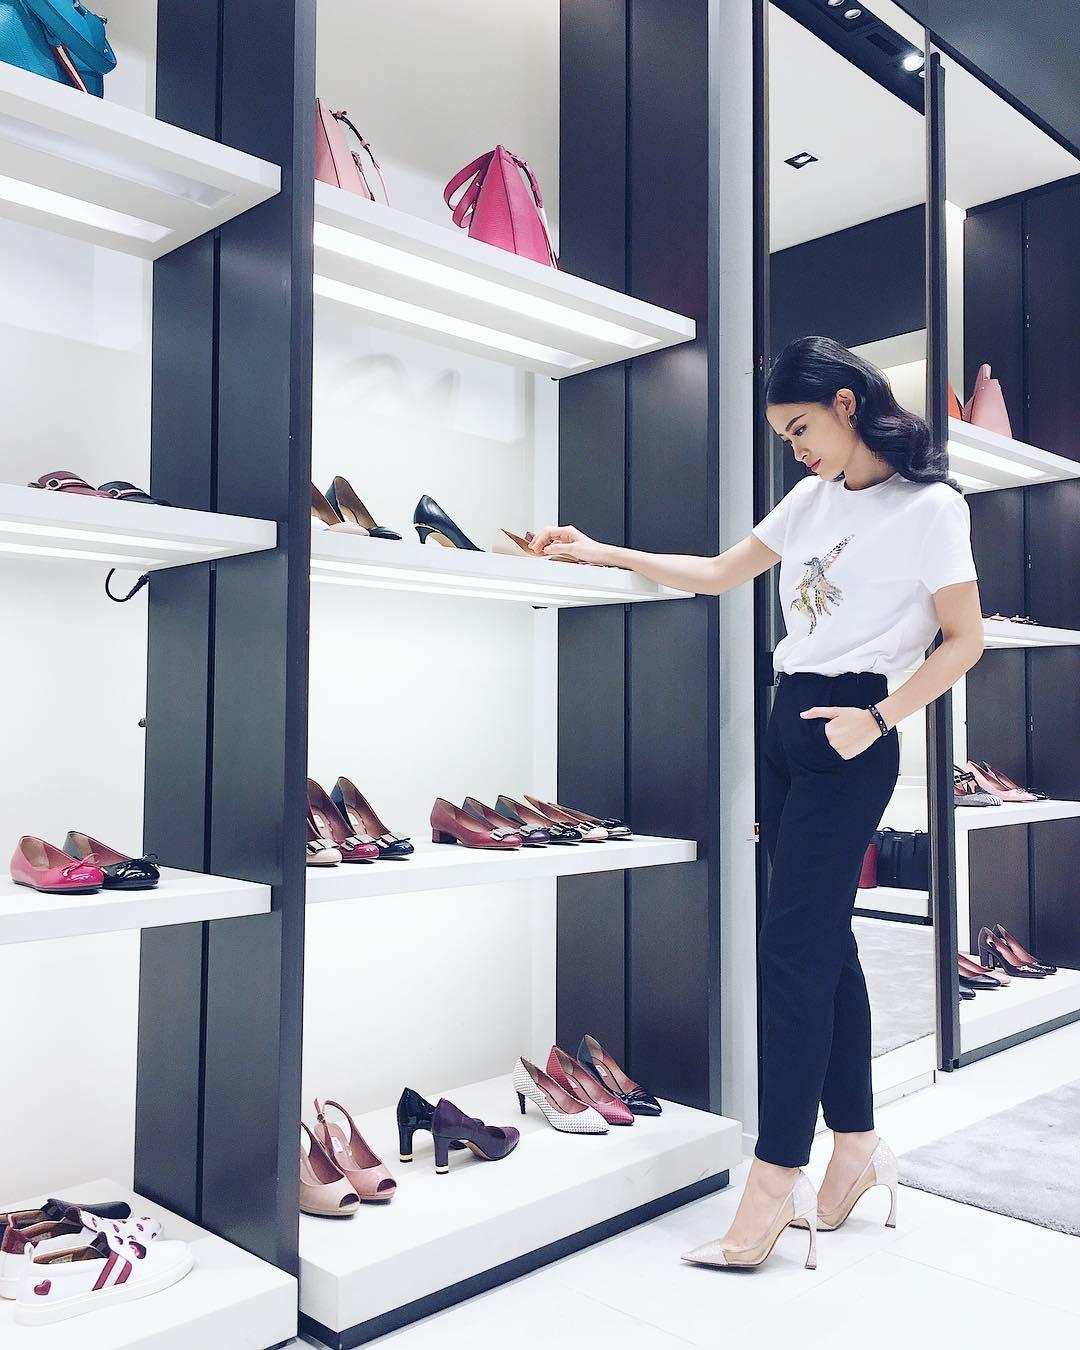 Tin sao Việt 19/9: Angela Phương Trinh lên tiếng khi bị so sánh với Kim Kardashian-3